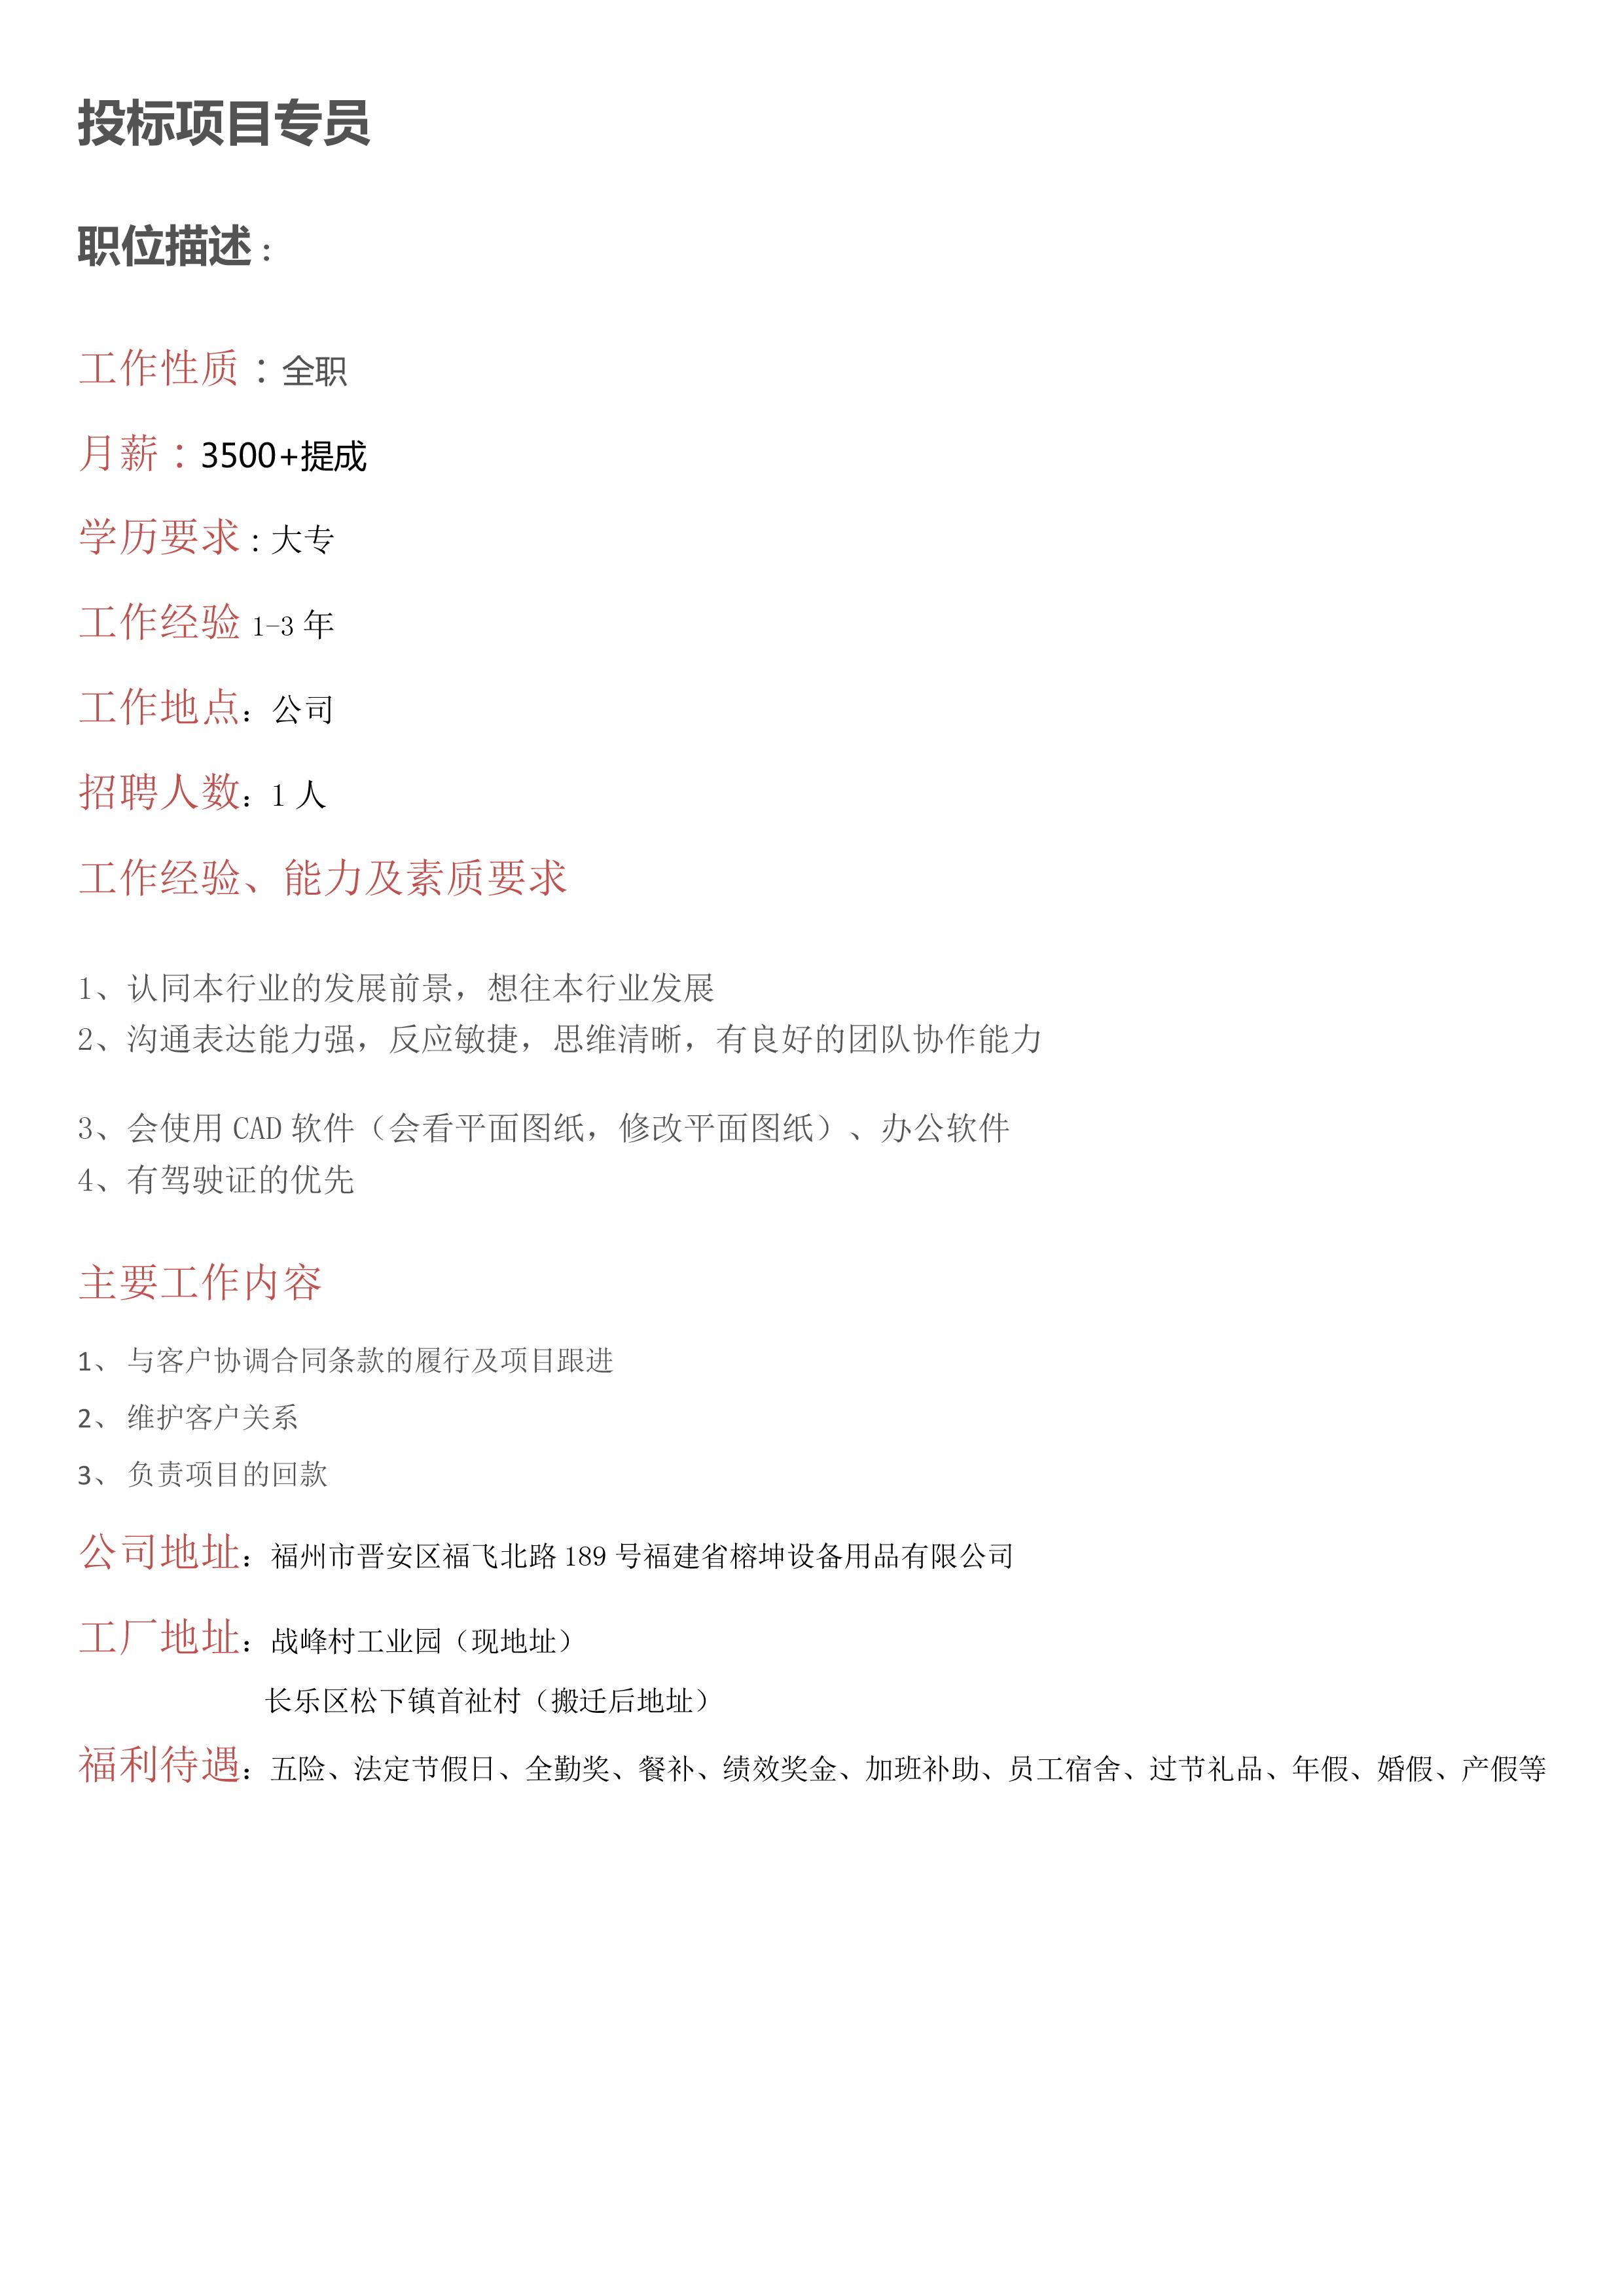 榕坤招聘岗位1-13 拷贝.jpg